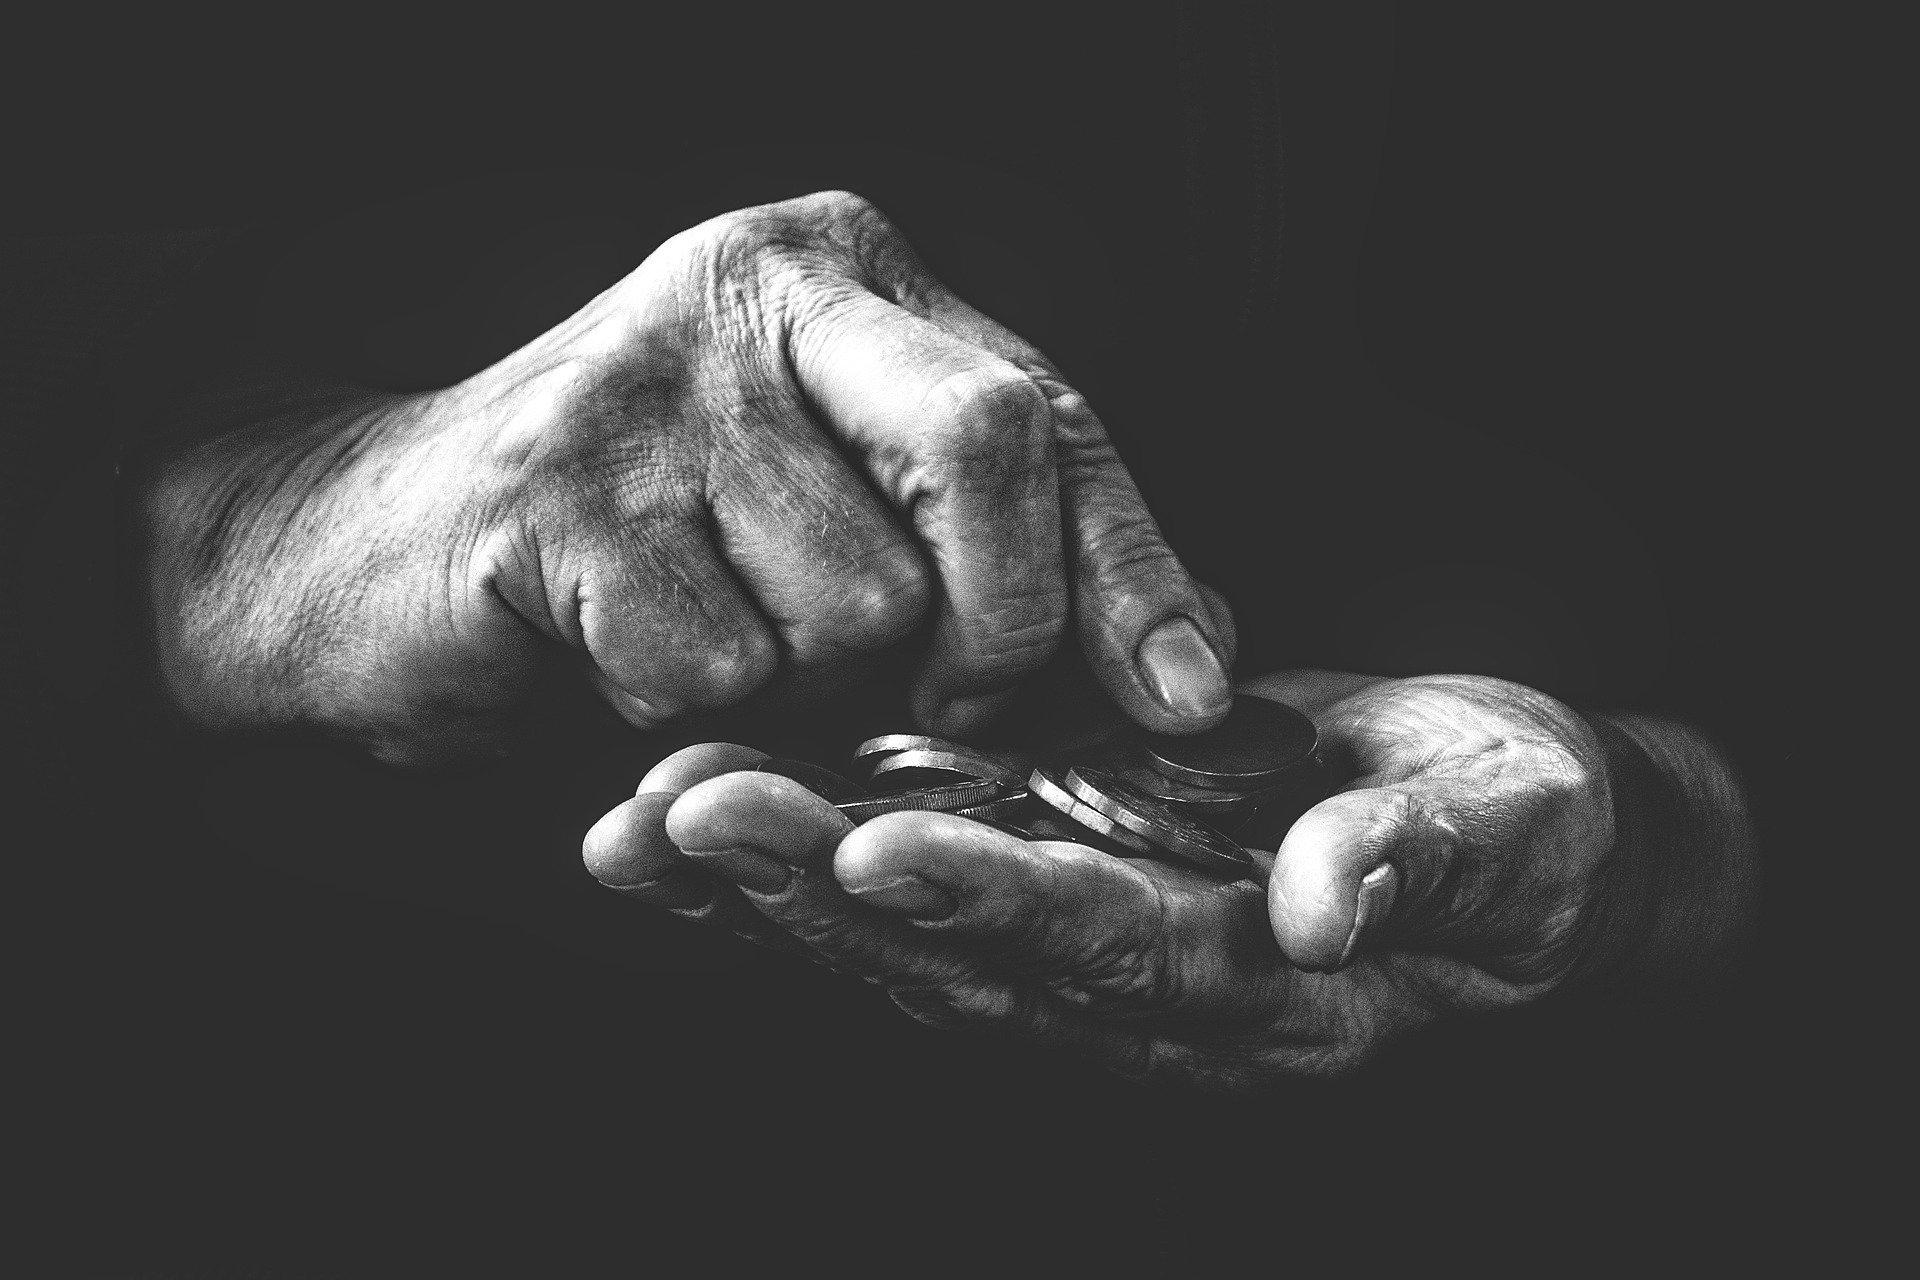 Penge mellem hænderne